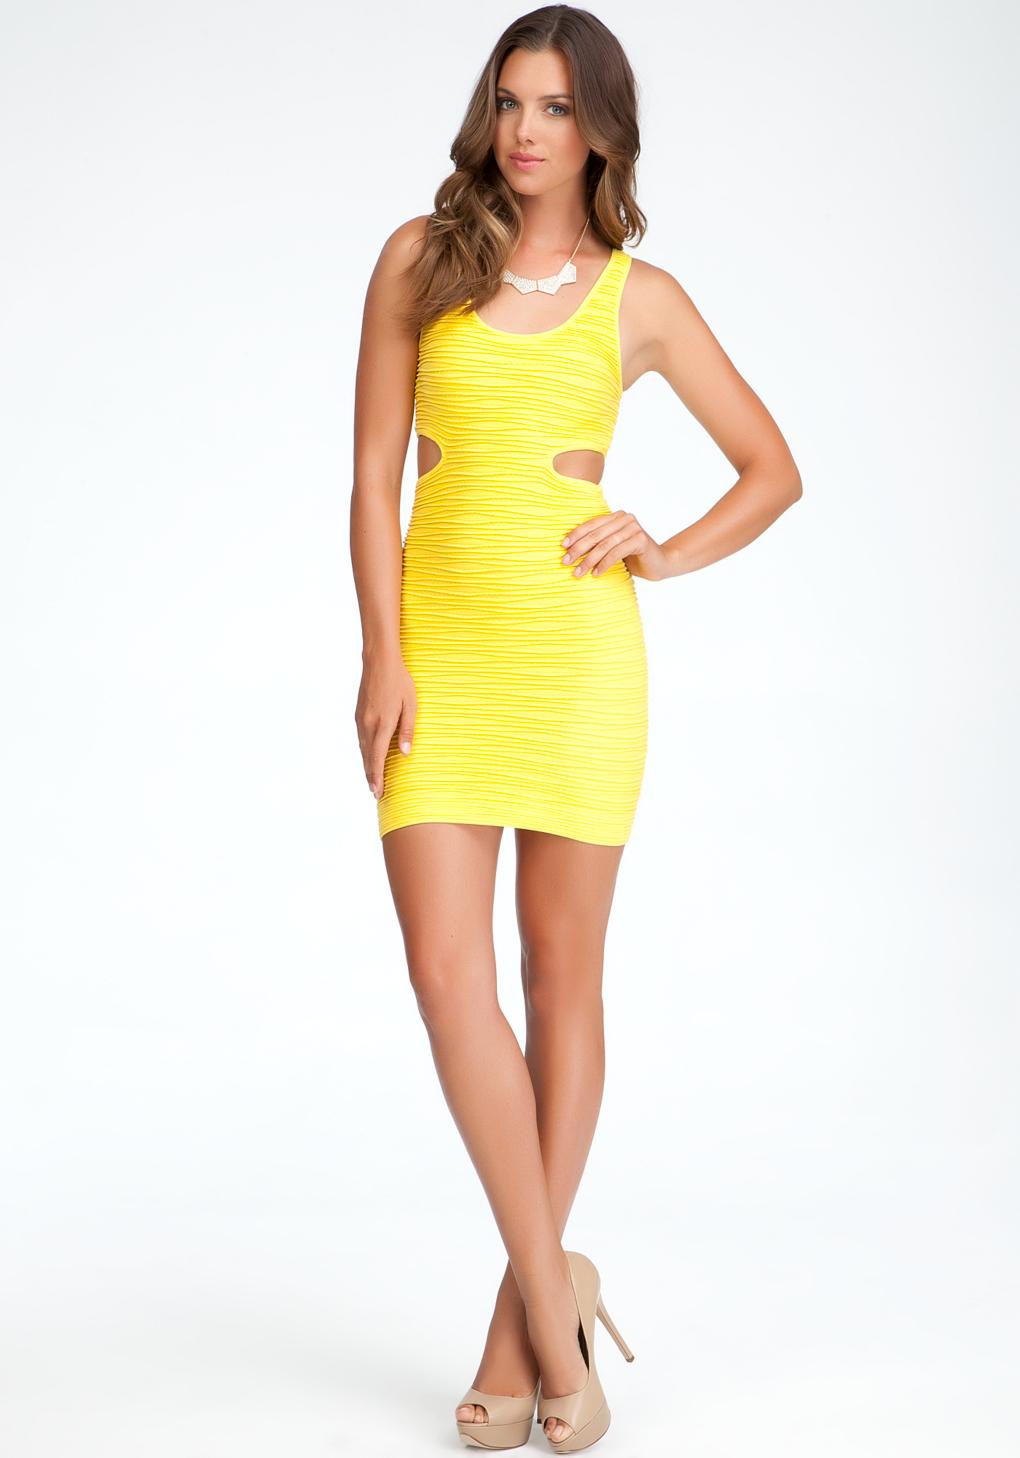 Bebe Side Cutout Bodycon Tank Dress In Yellow Lyst